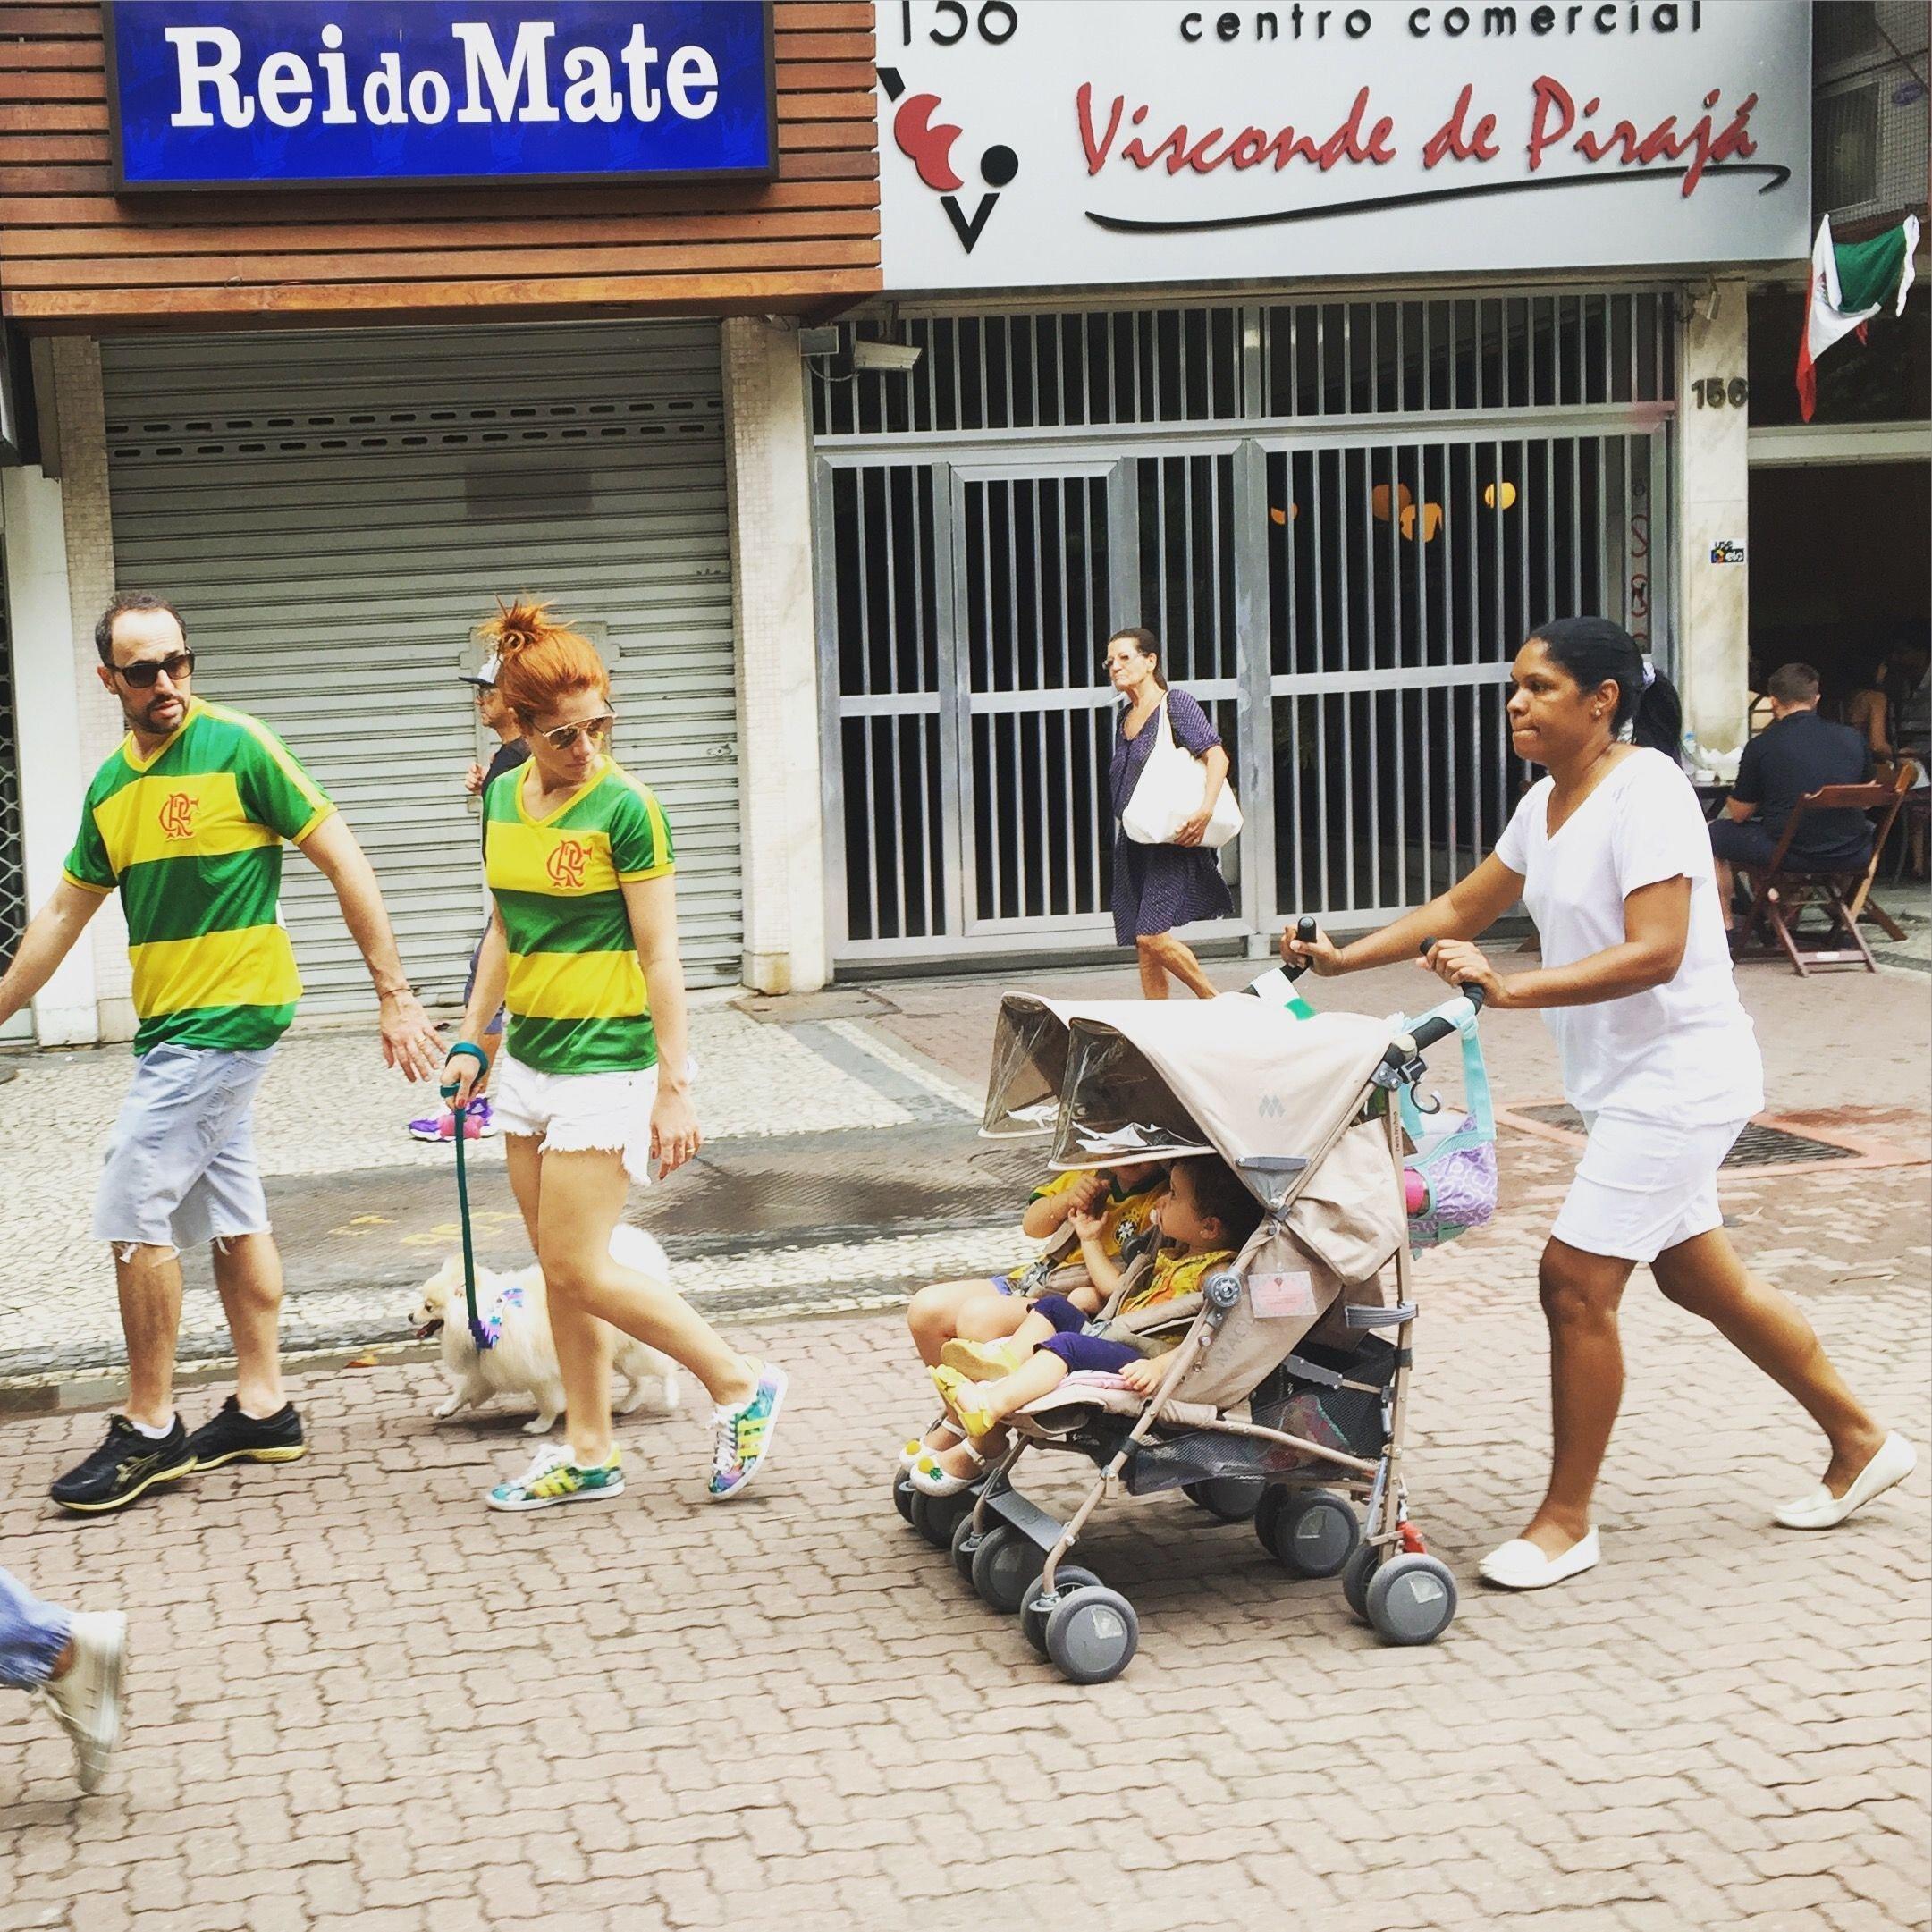 13/03/2016. Cr�dito: Jo�o Valadares/CB/D.A Press. Manifesta��o contra Dilma e o Partido dos Trabalhadores - PT em Ipanema, Rio de Janeiro.